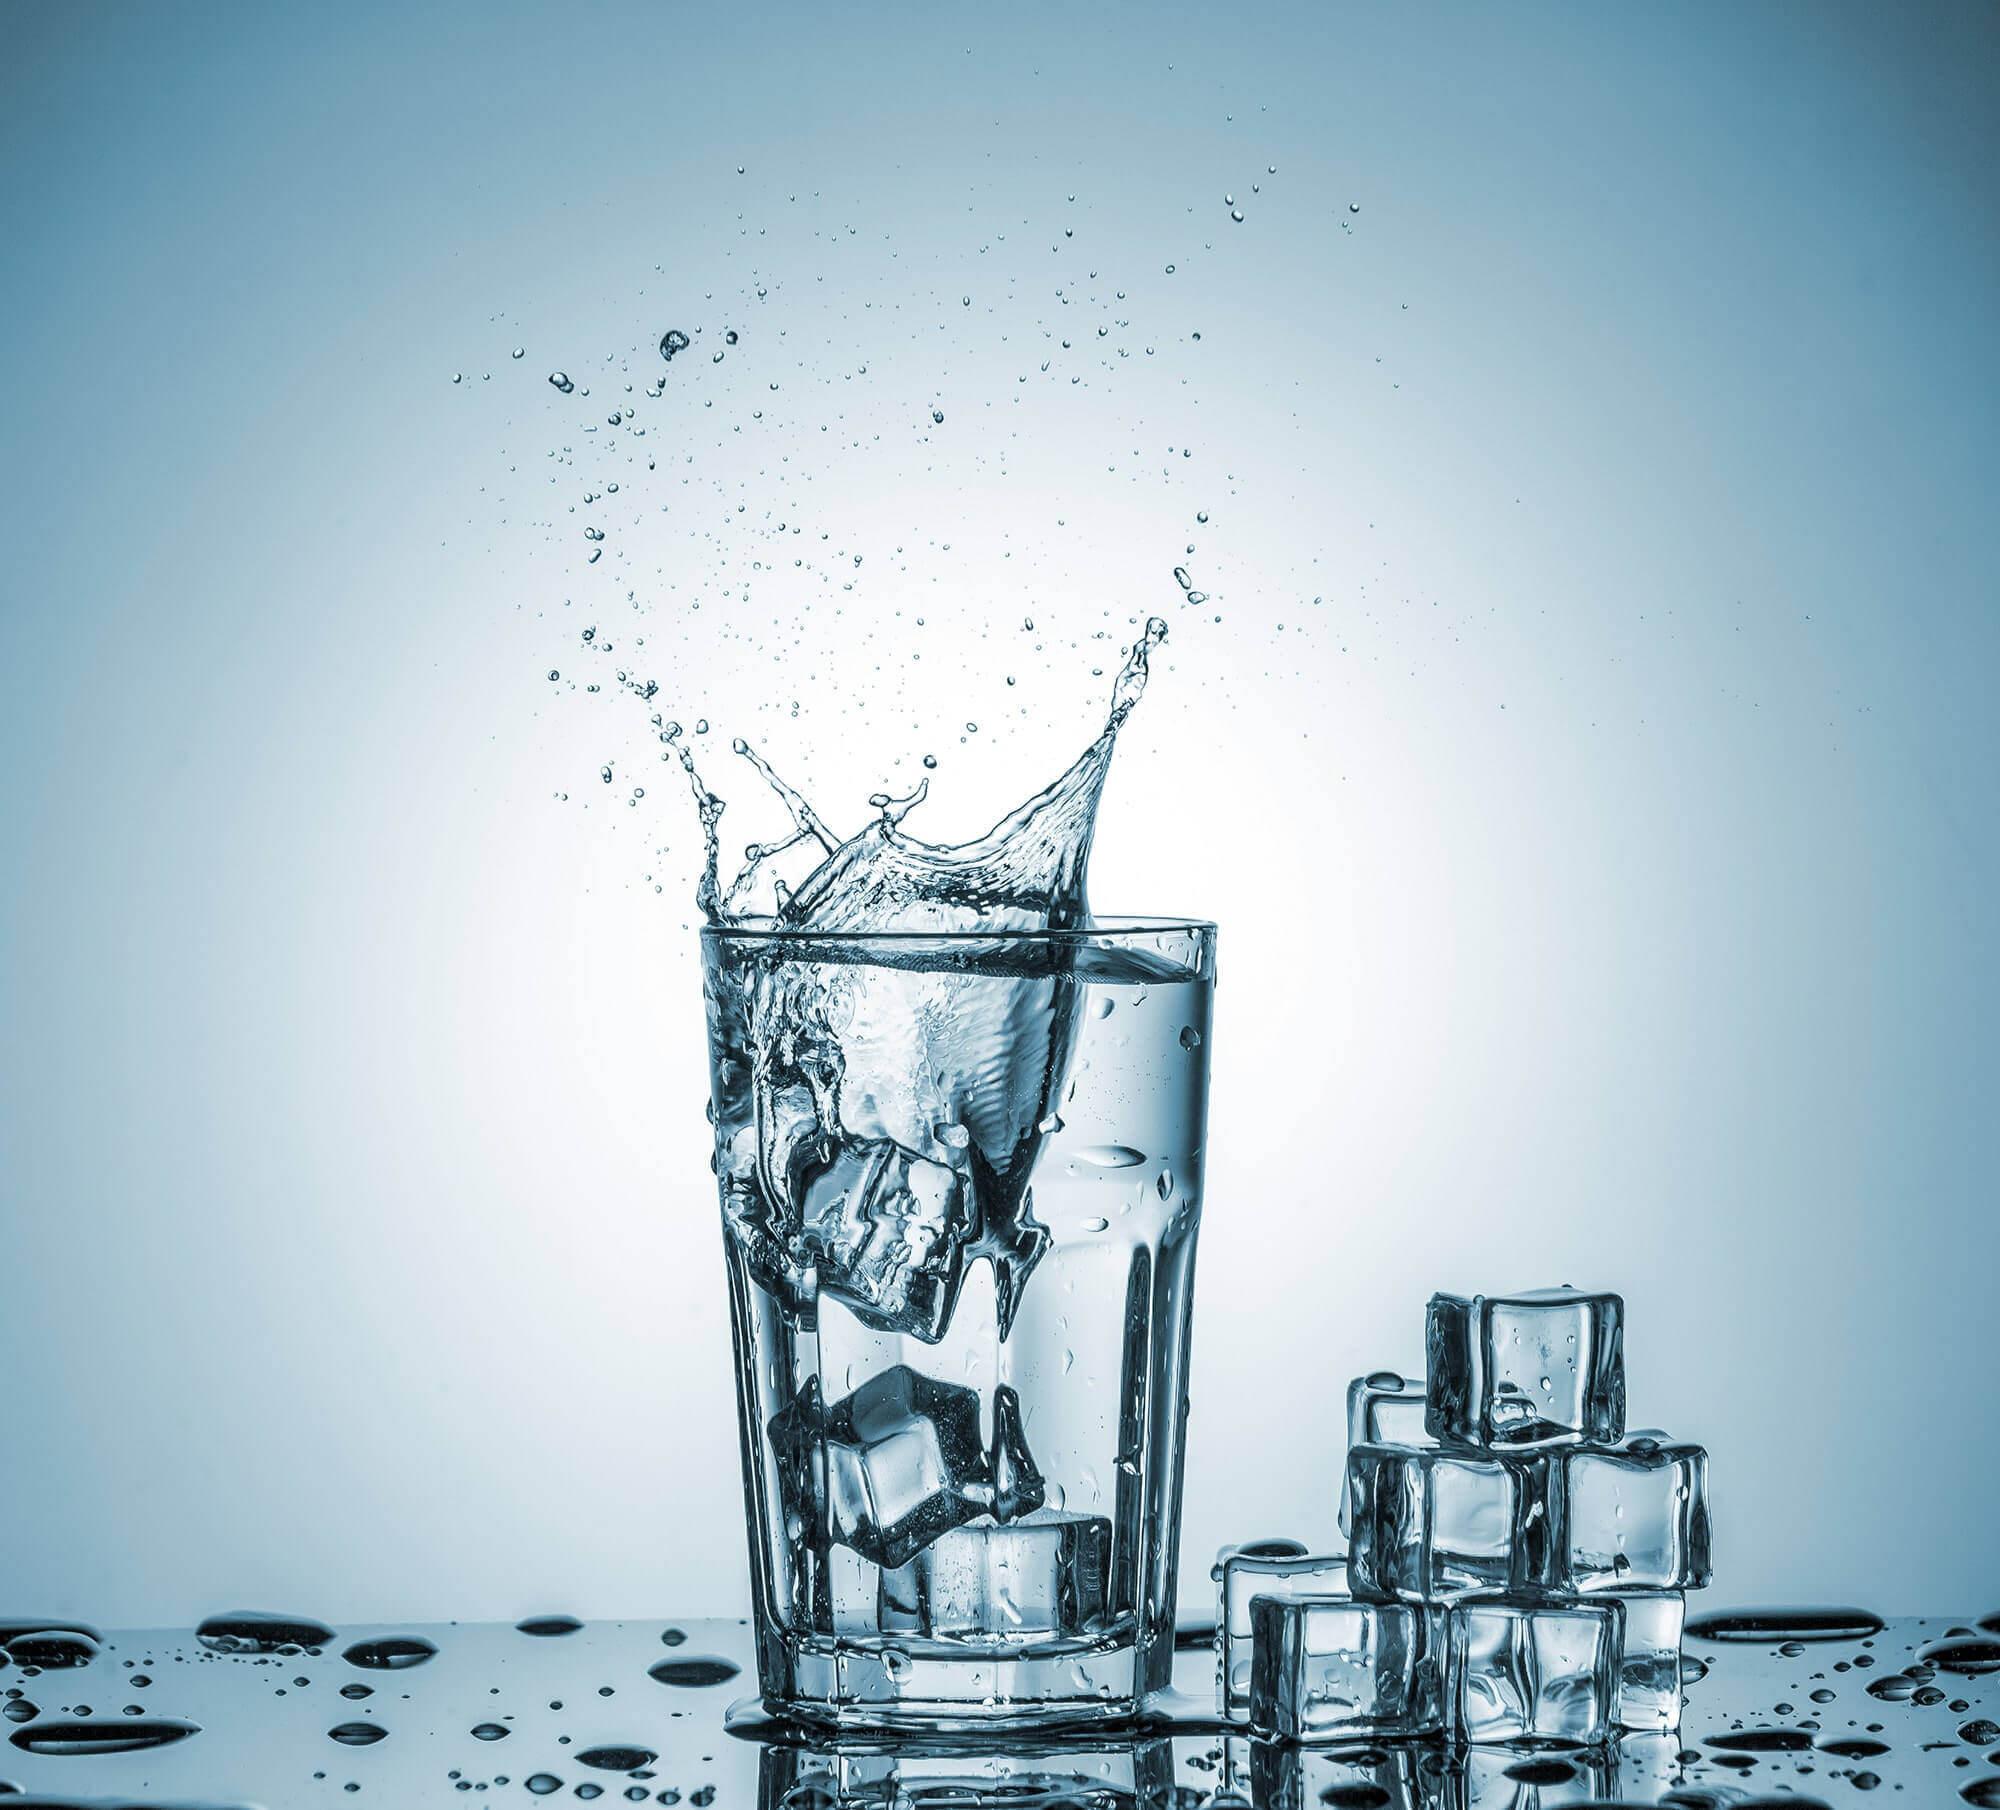 Su arıtma cihazı alırken bunlara mutlaka dikkat edilmeli